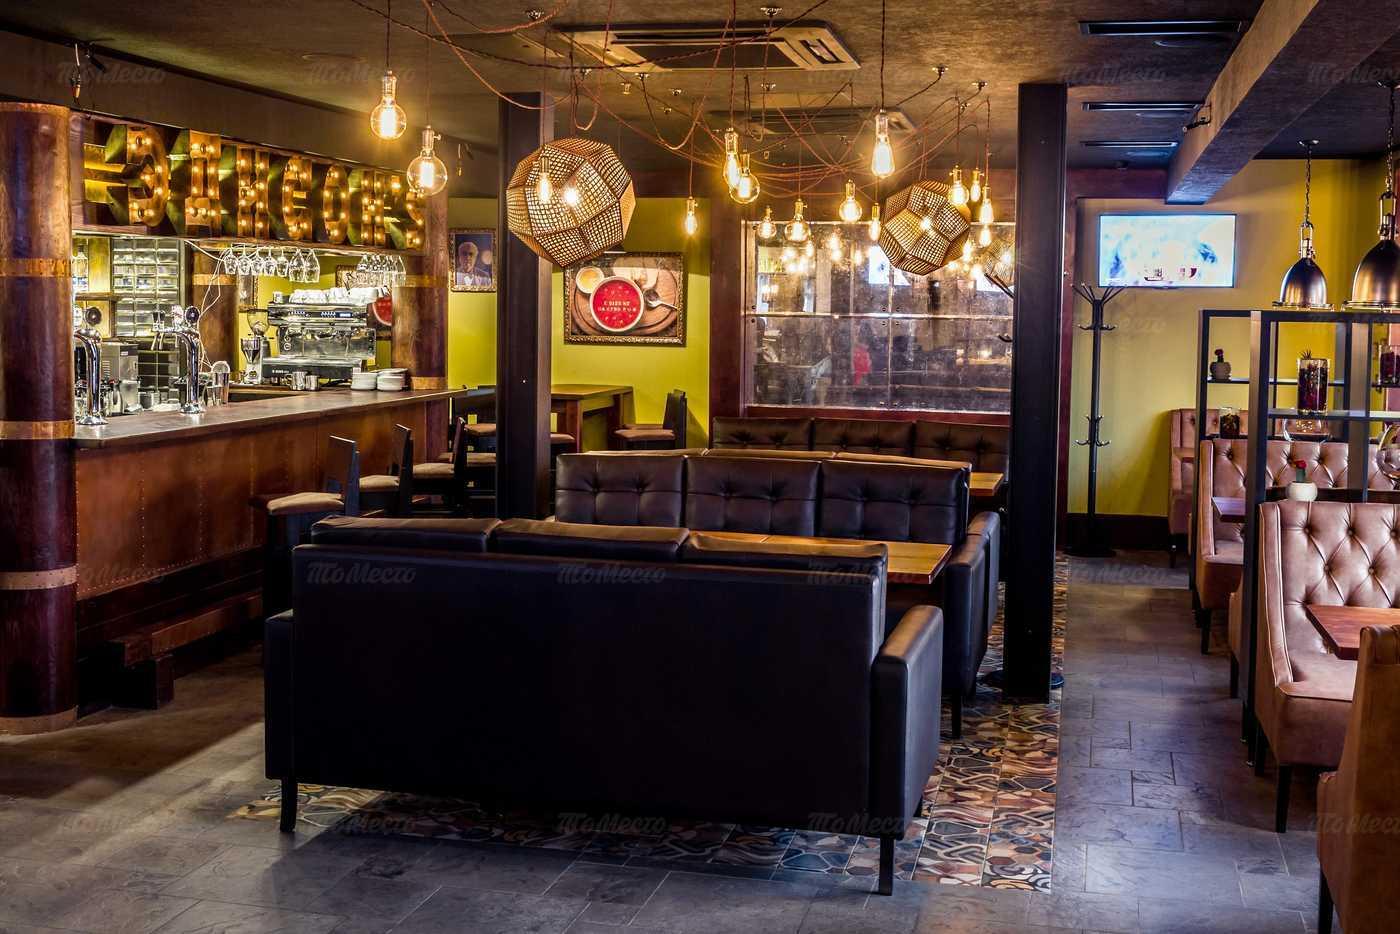 Меню гастропаба, кафе, ресторана Эдисон's на Воронцовской улице